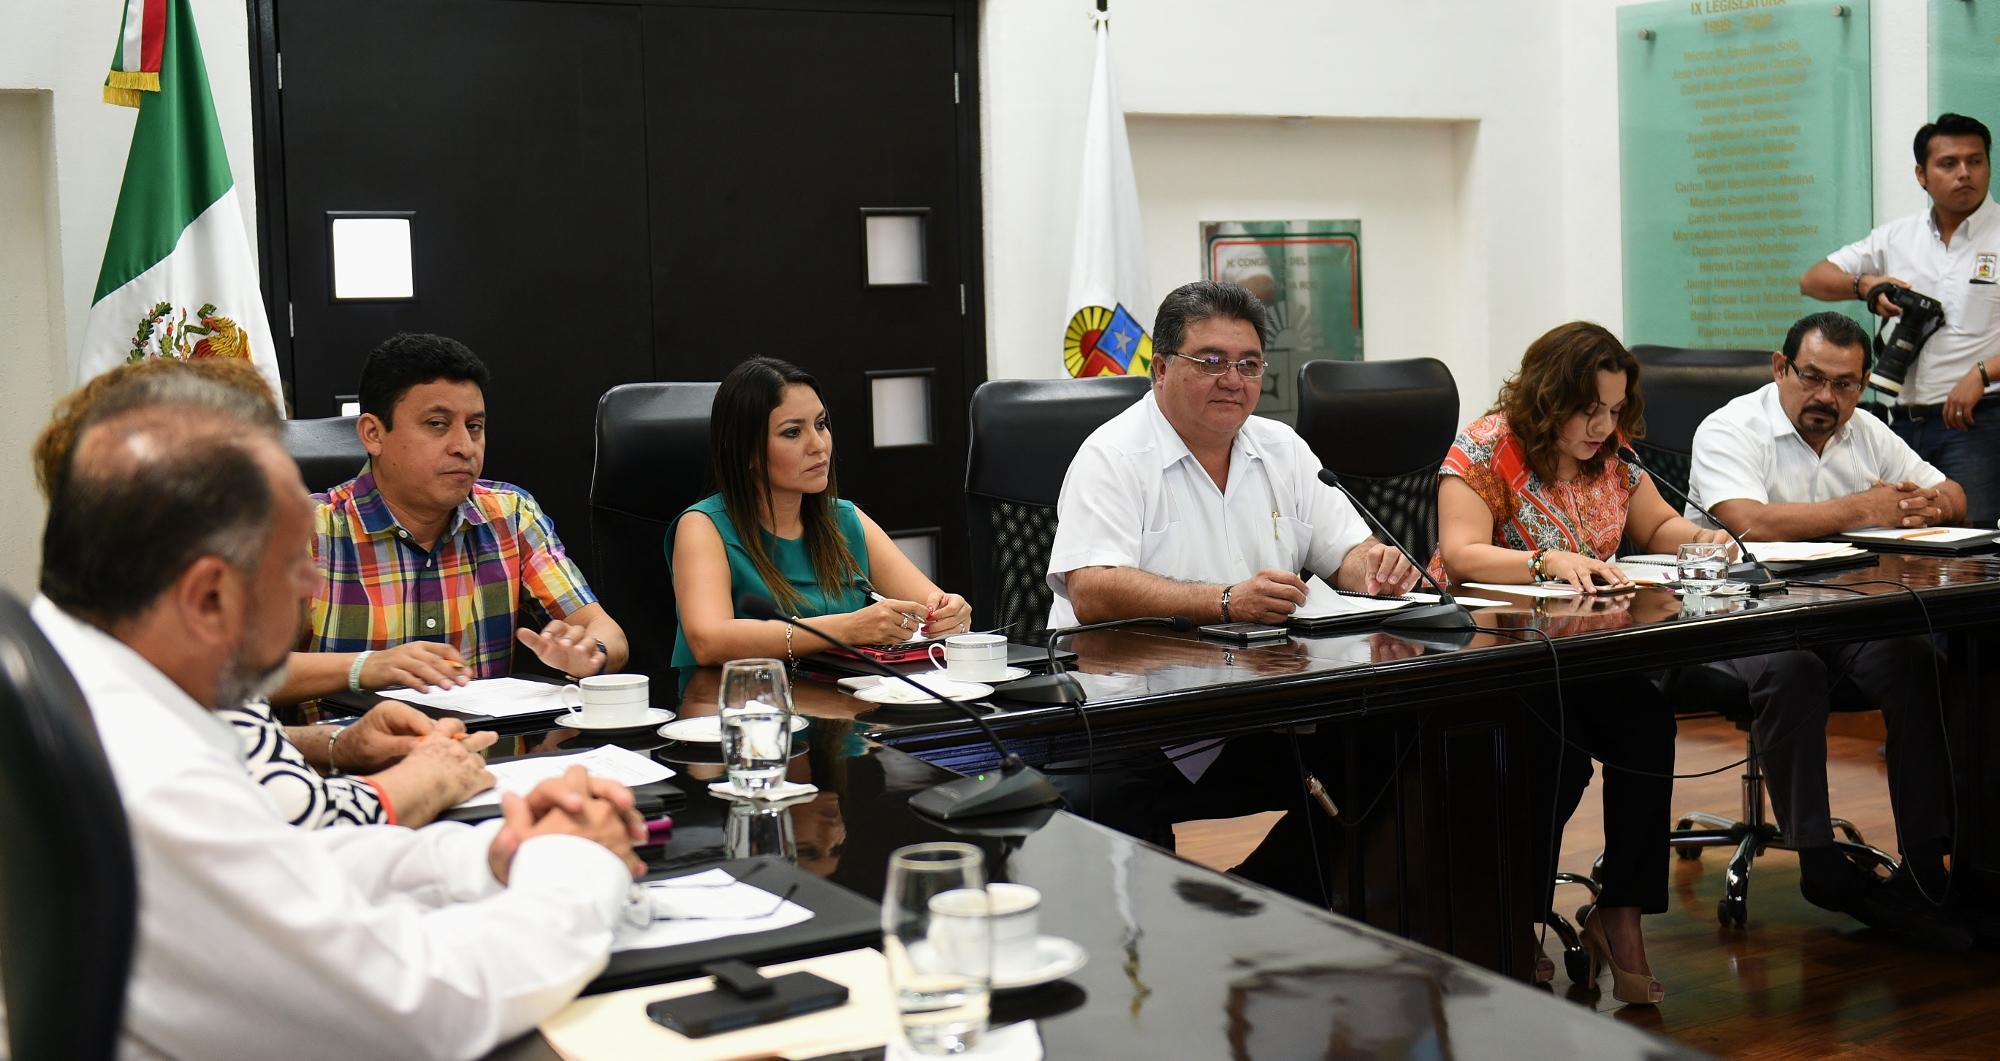 SEPULTAN TRIBUNAL BORGISTA DE JUSTICIA ADMINISTRATIVA: Avalan municipios reformas constitucionales que dan reversa a una parte del 'paquete de impunidad'